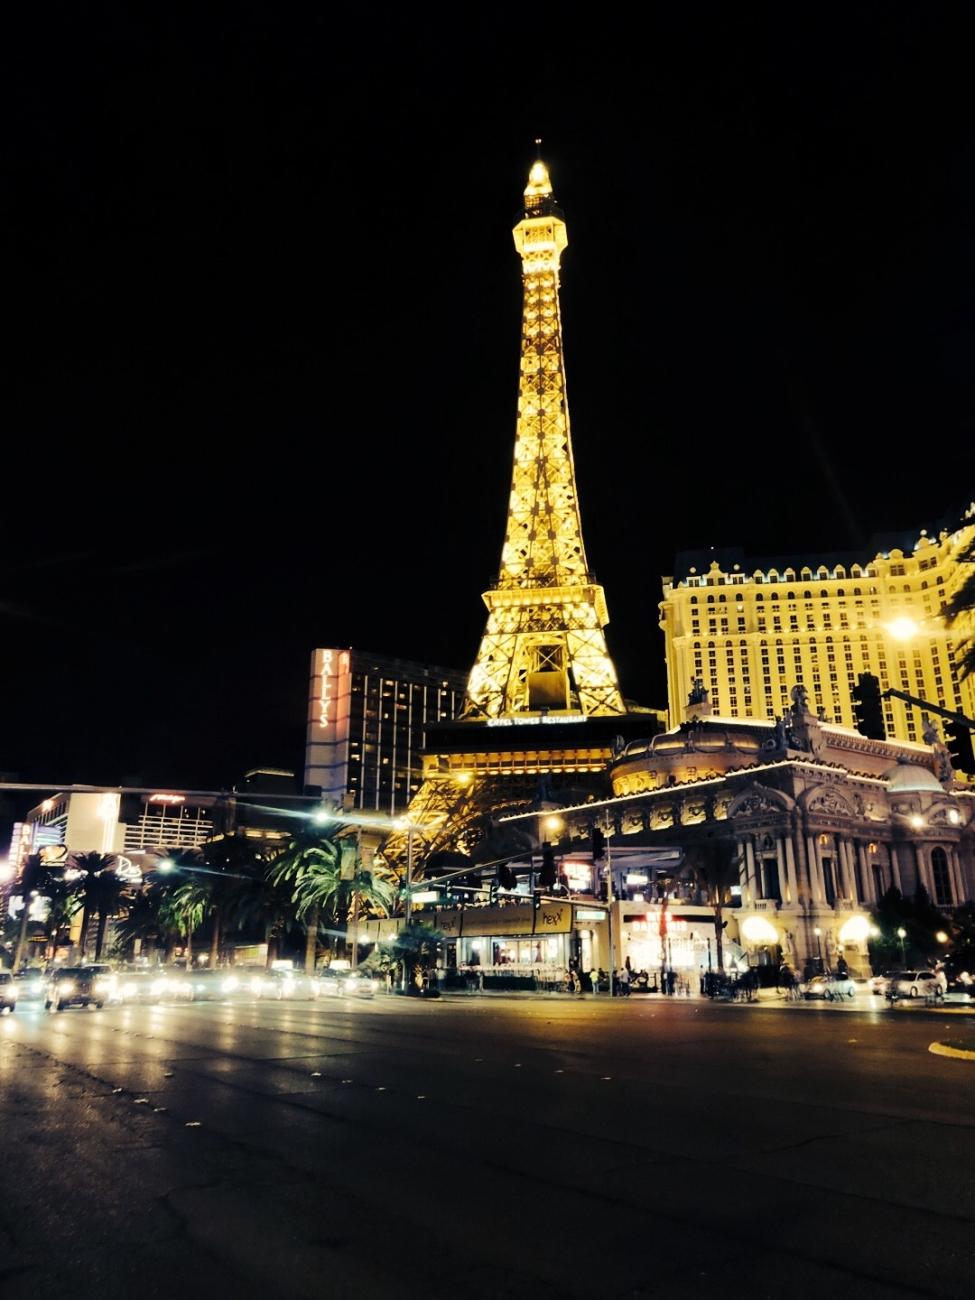 Lv Eiffel